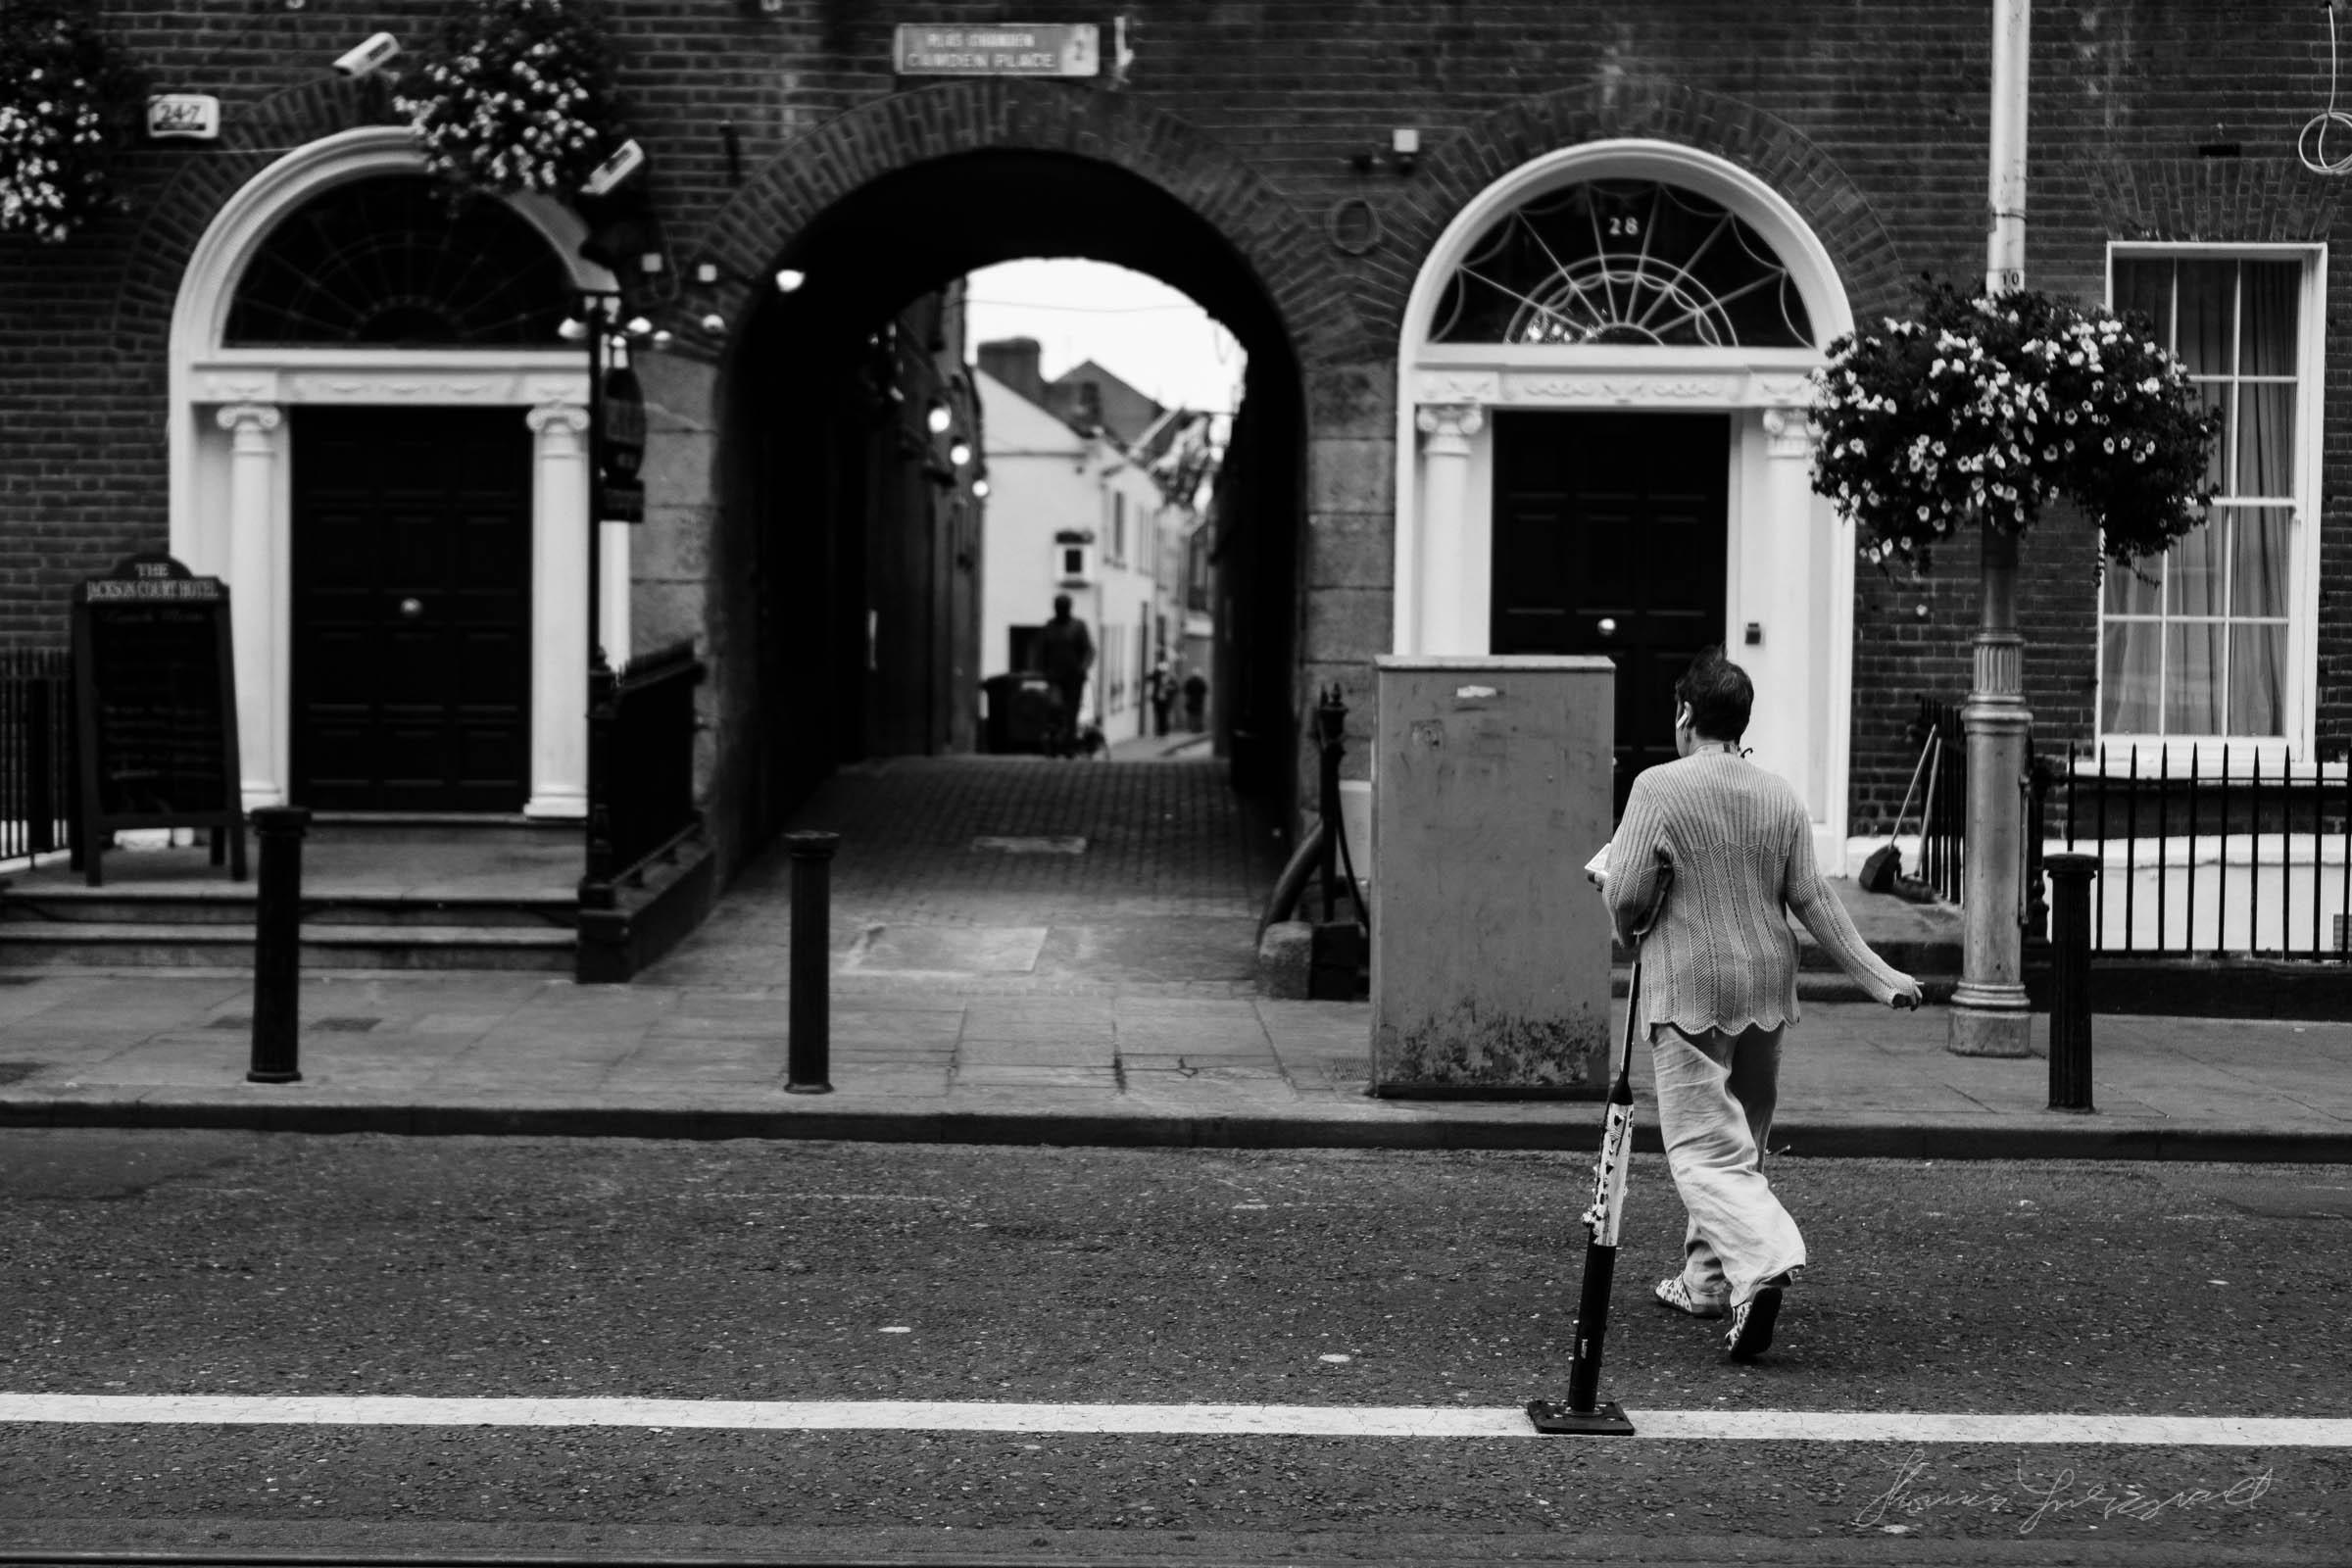 Street-Photo-Diary-No-6-BW-Dublin-02.jpg